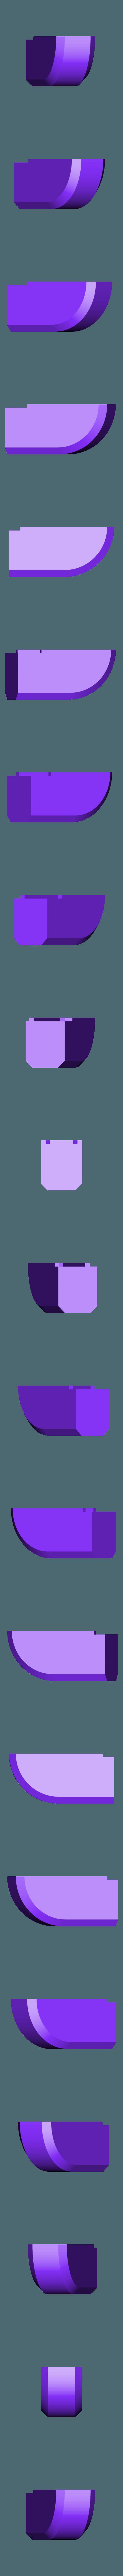 switch_frame.stl Télécharger fichier STL gratuit EPIC 6 stage coilgun • Objet pour impression 3D, Gyro